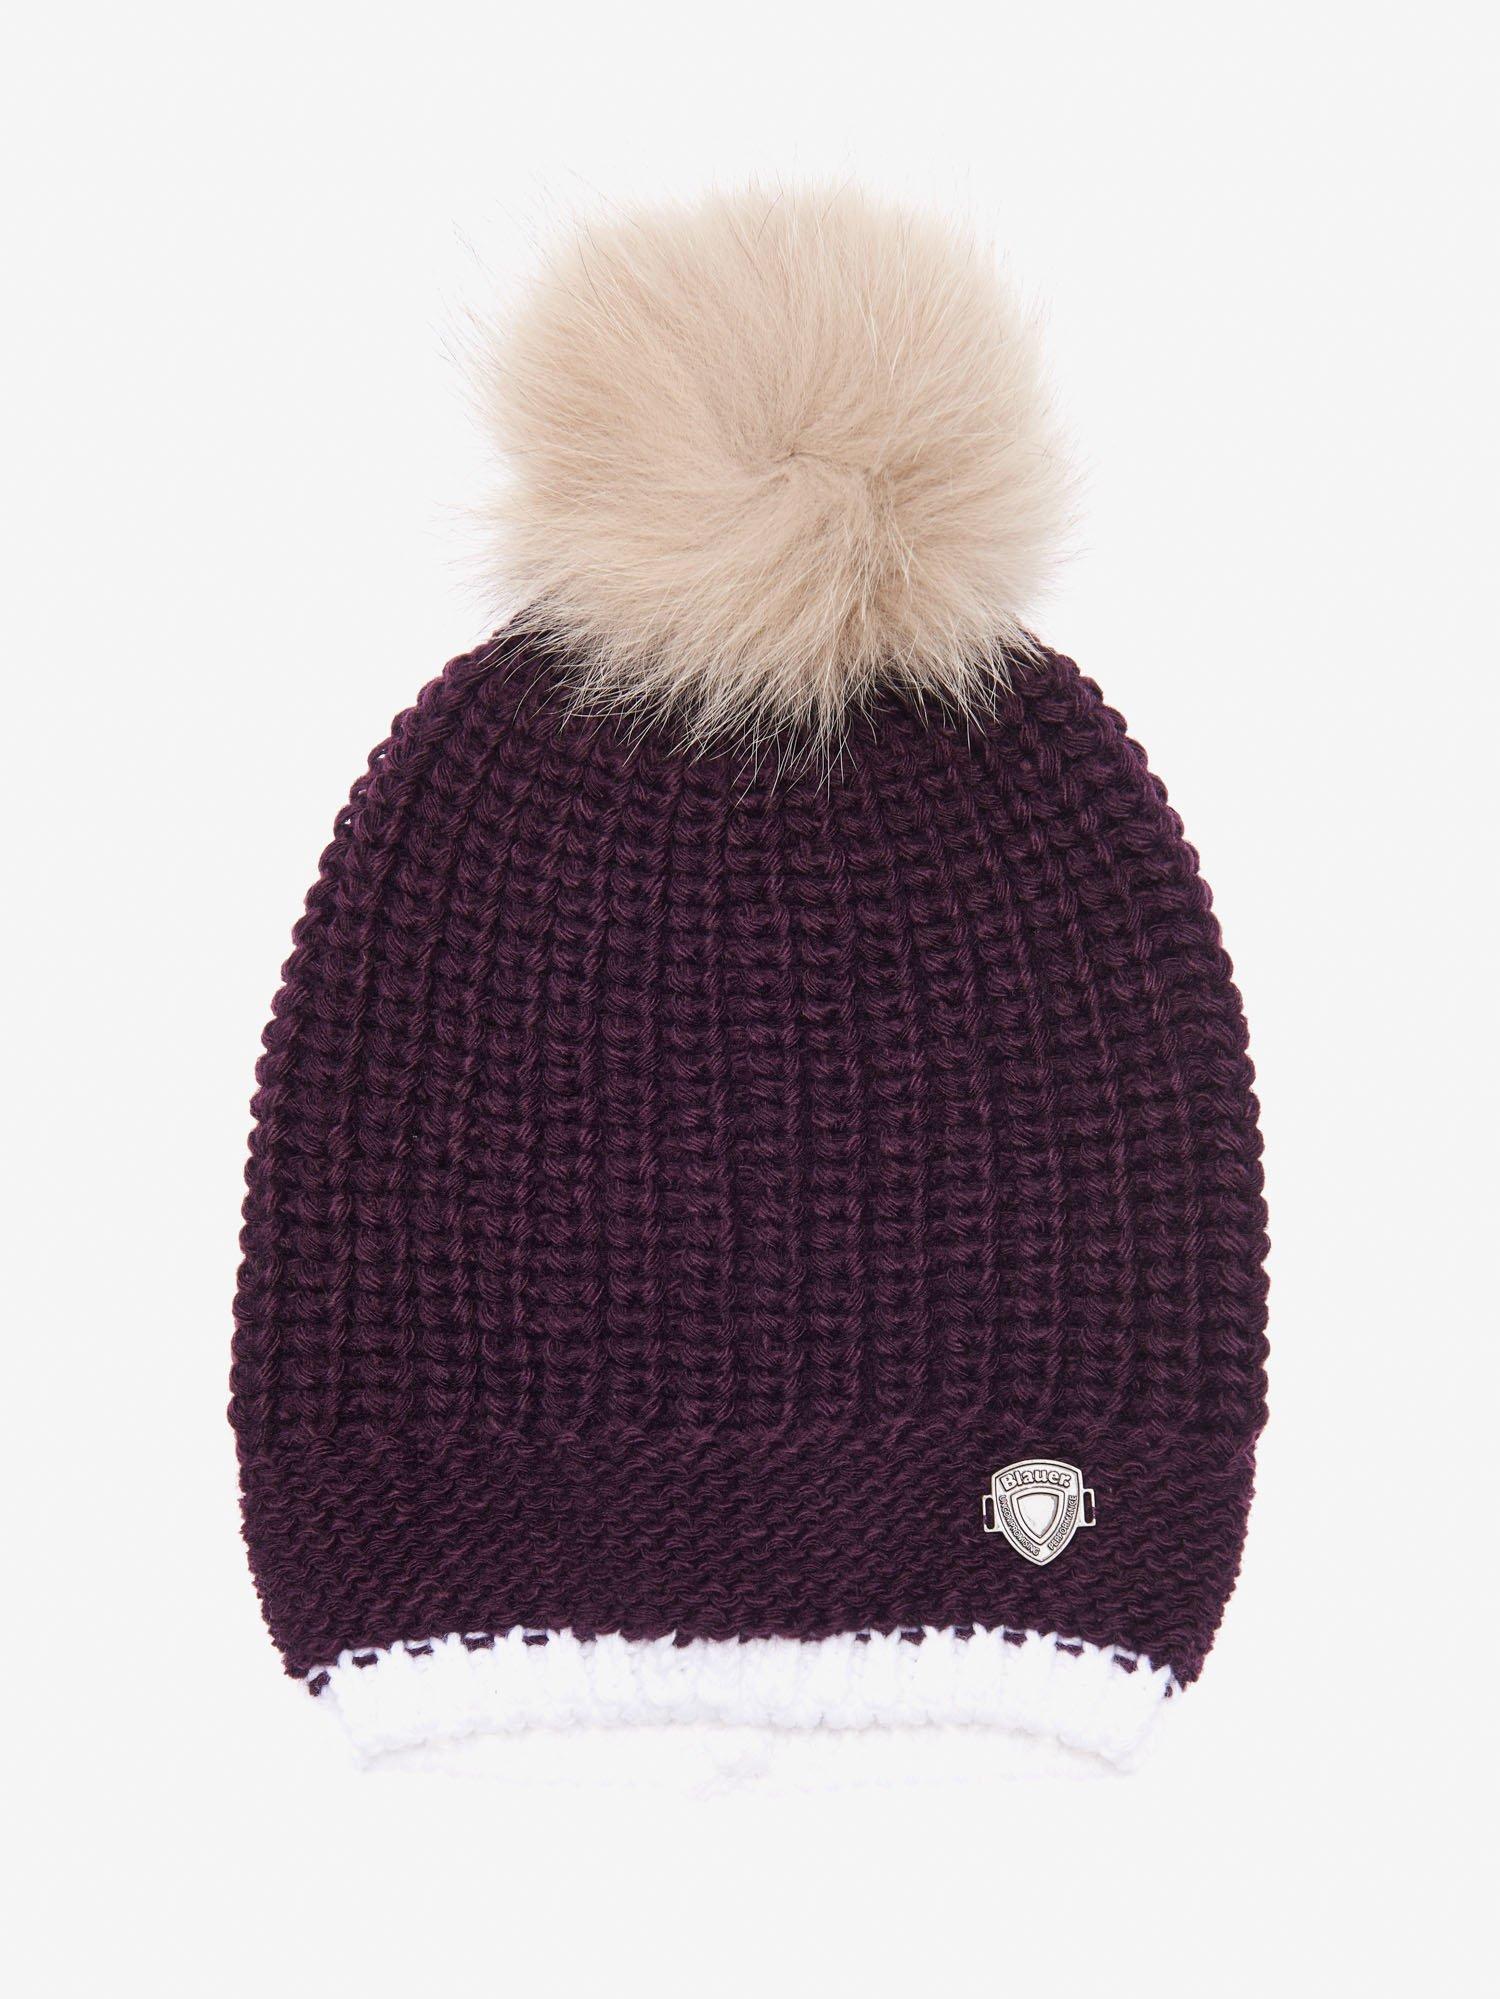 Blauer - HAT WITH POMPOM - Bright Purple - Blauer